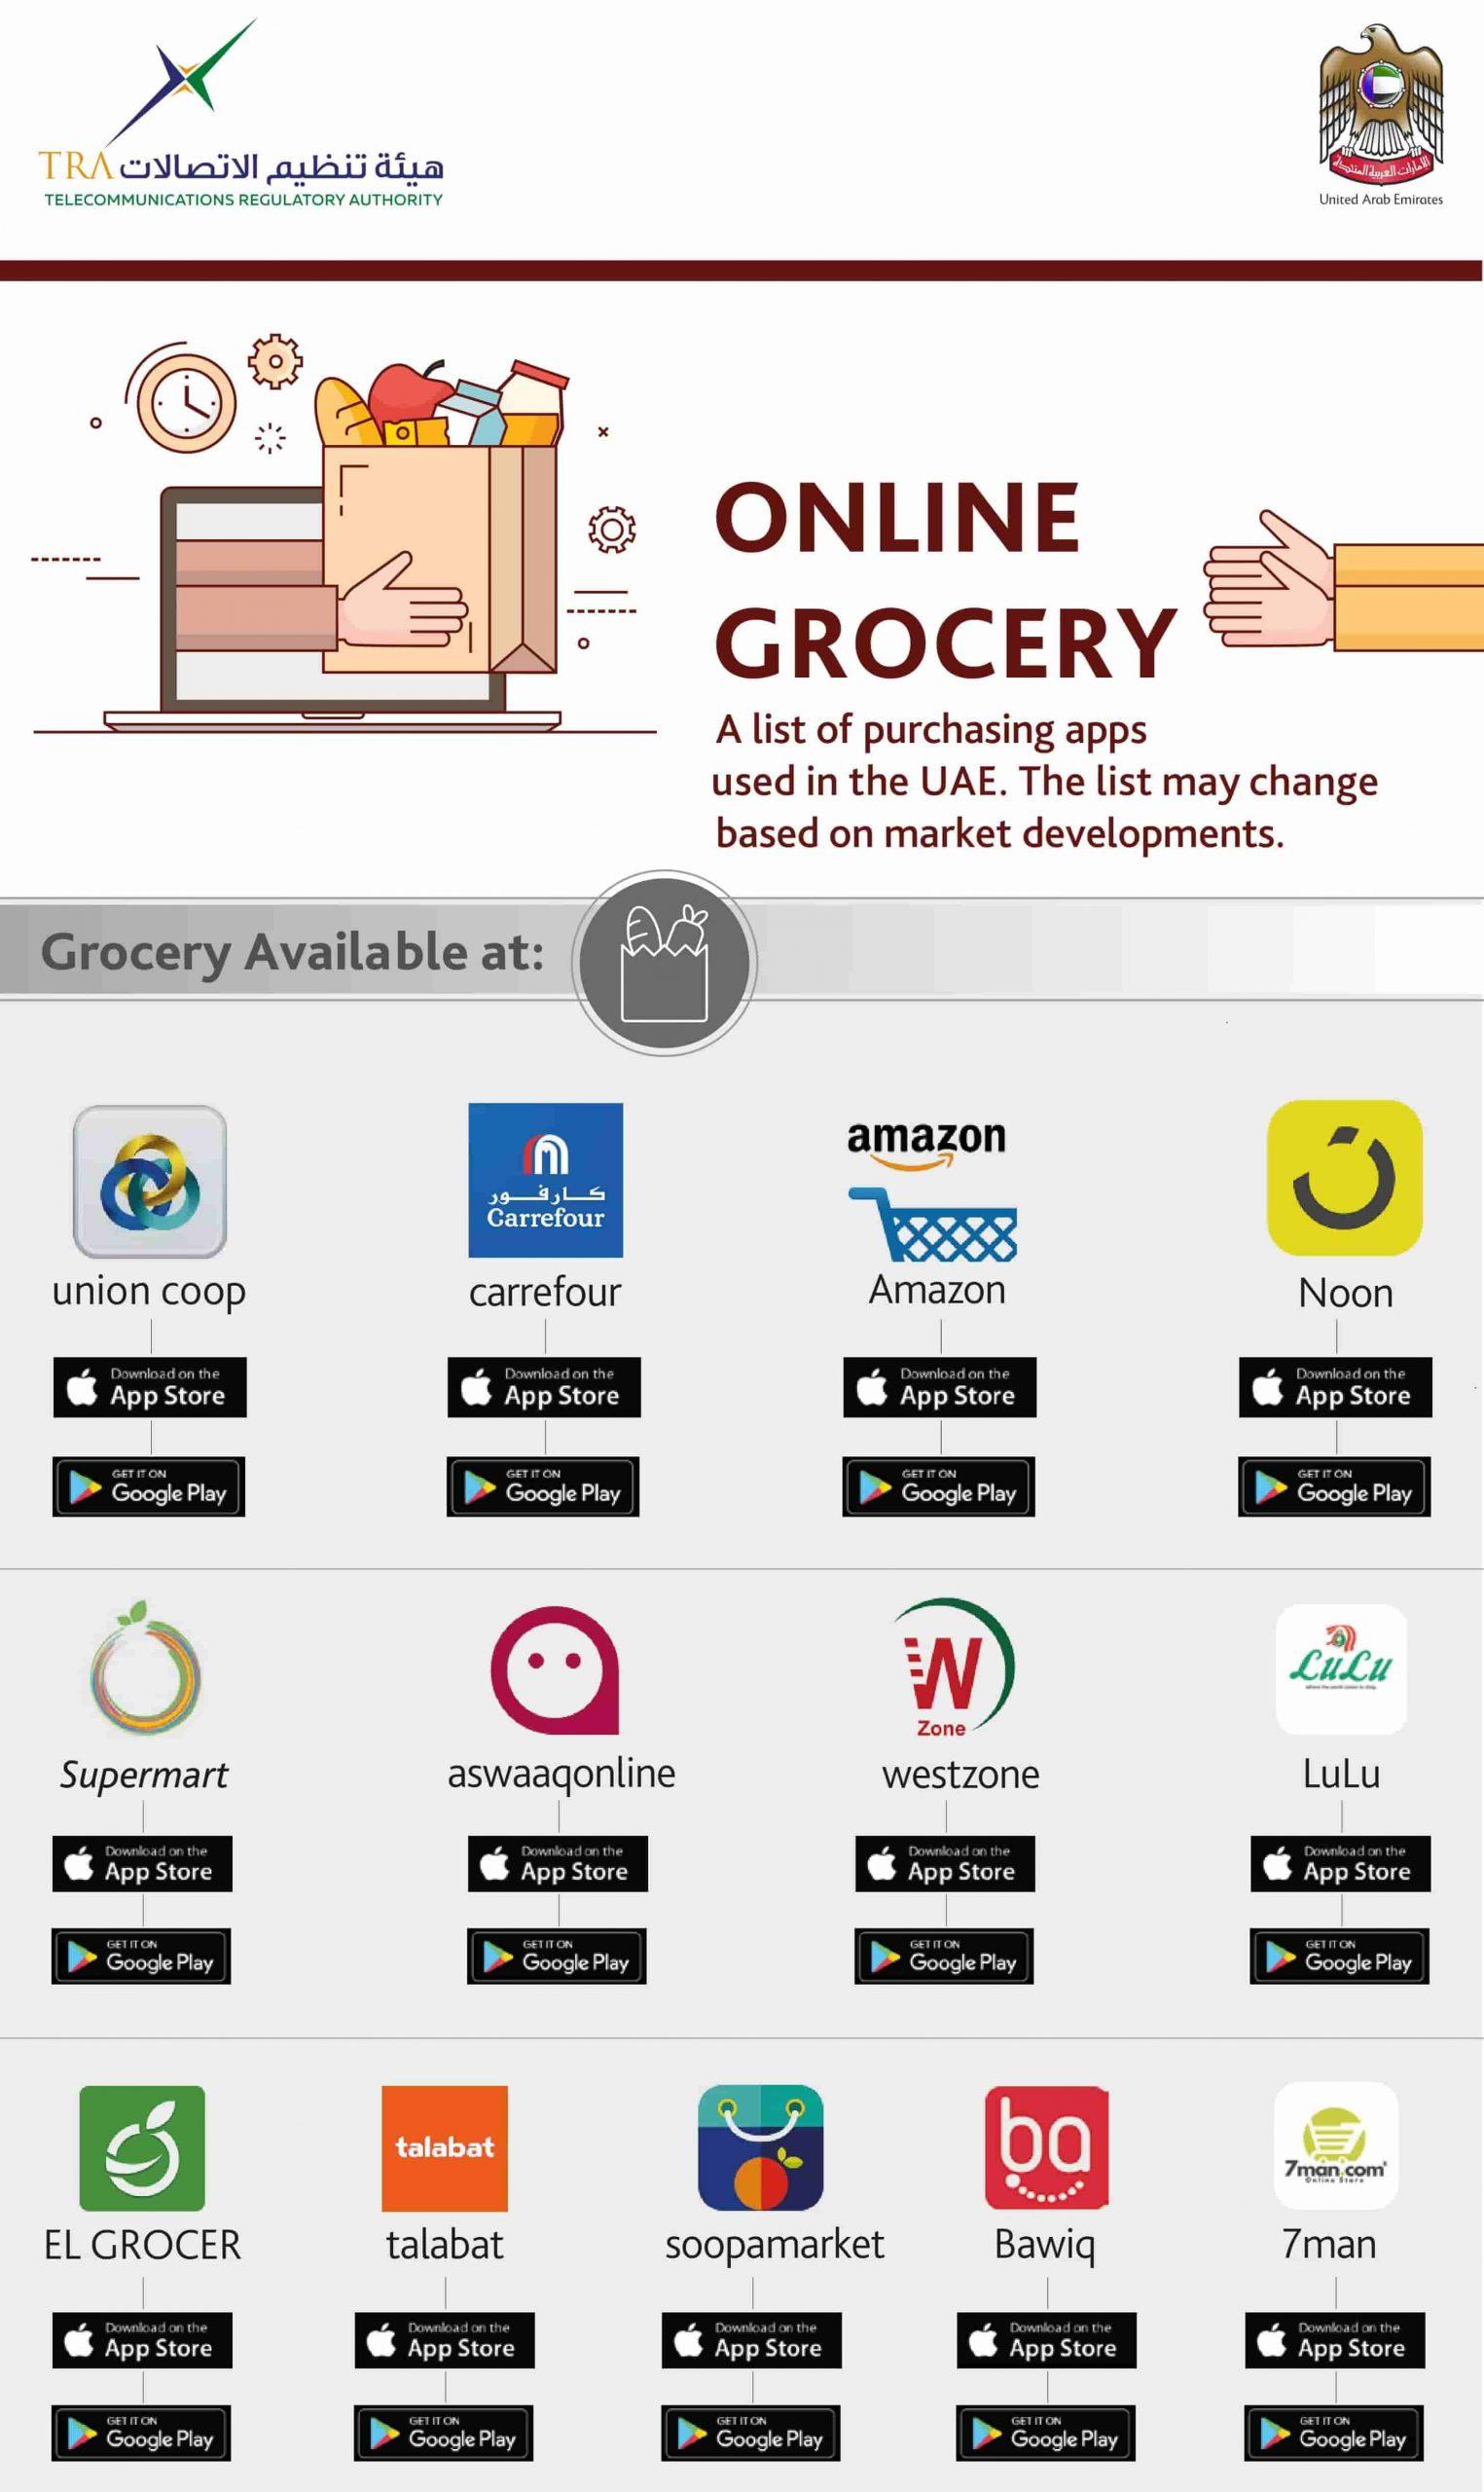 Online grocery in UAE - Darahim